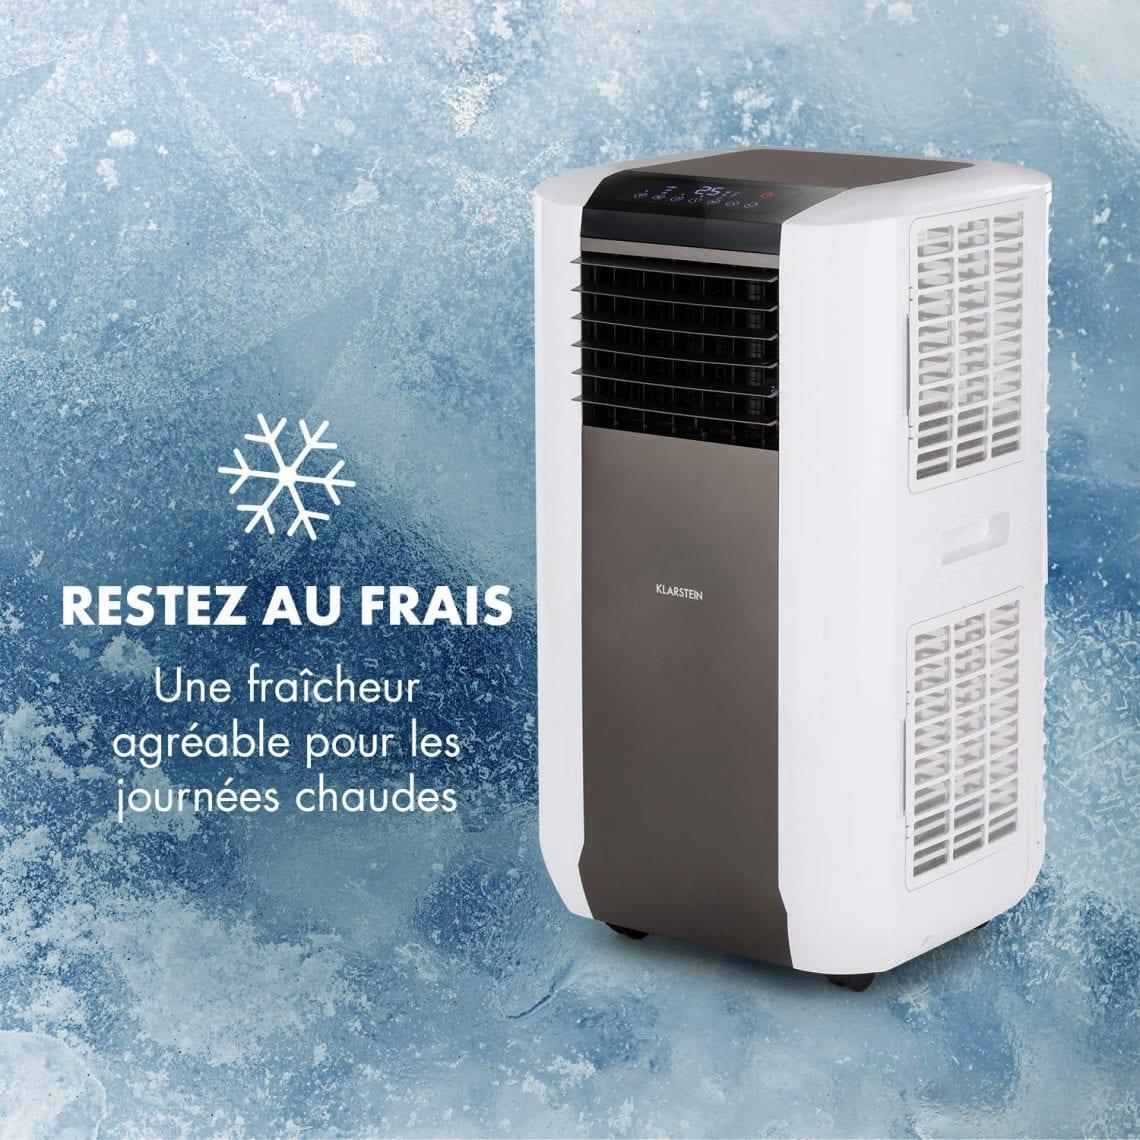 meilleur climatiseur mobile sans vacuation comparatif et guide d 39 achat zone led